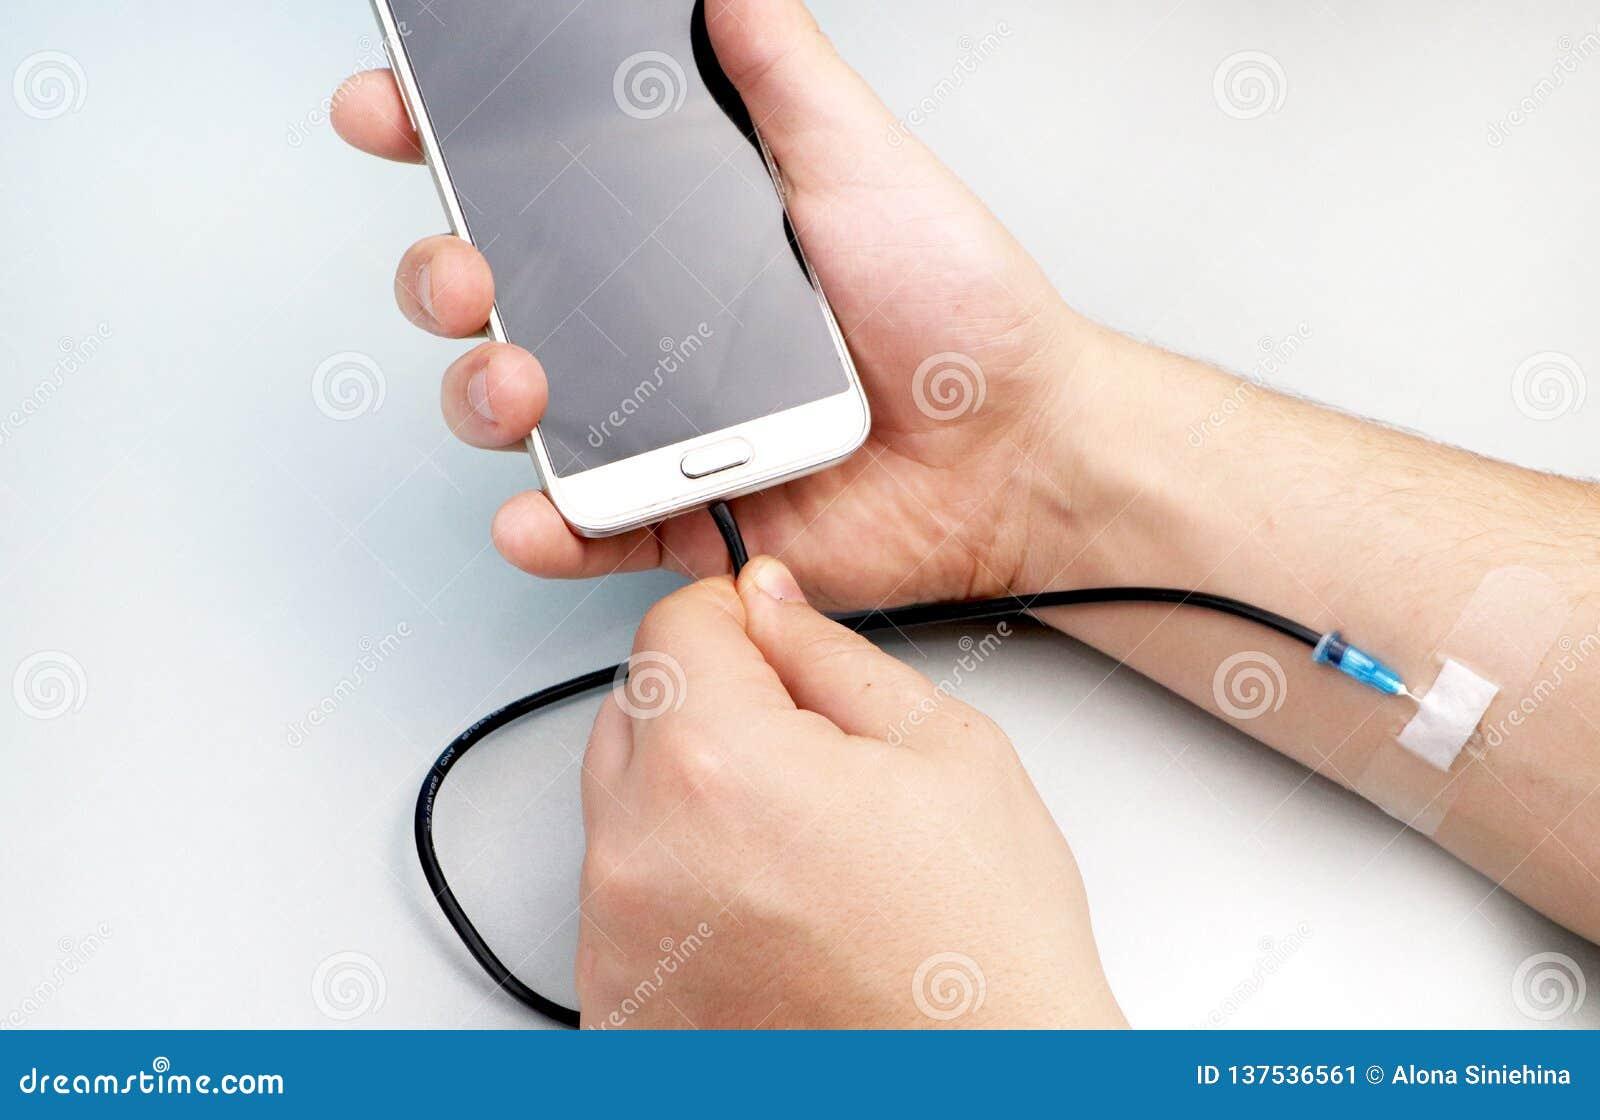 Una persona dedita di tecnologia Il concetto di dipendenza dallo smartphone, telefono